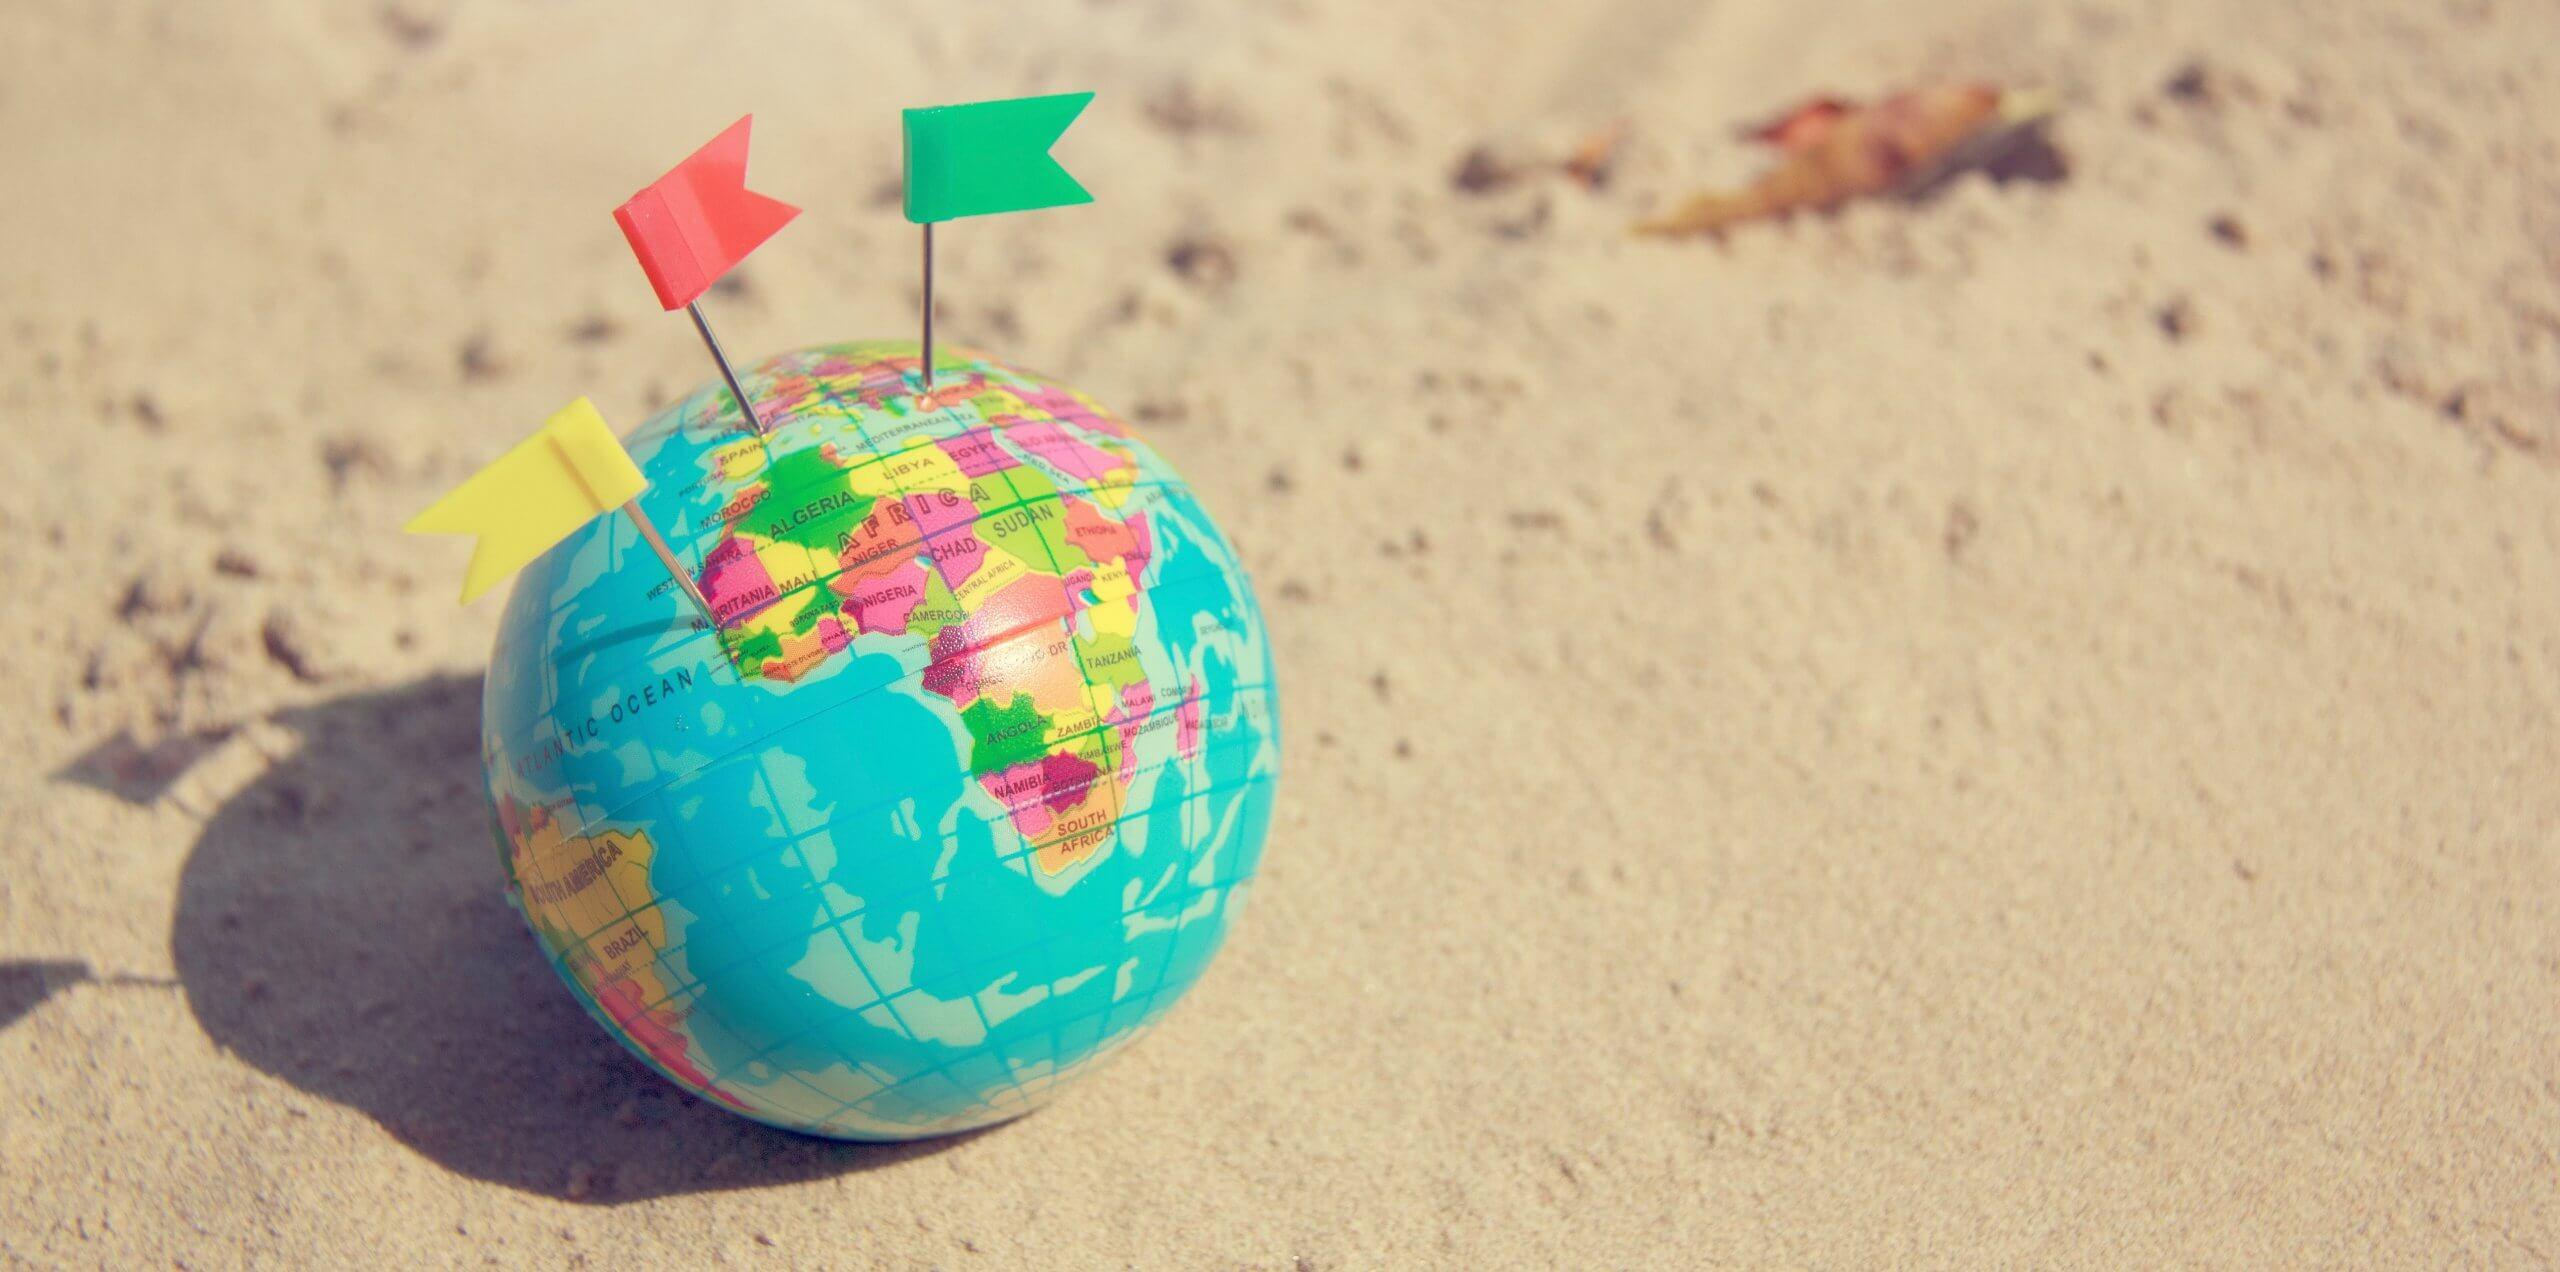 Топ 3 рабочих места, которые позволят вам путешествовать по миру